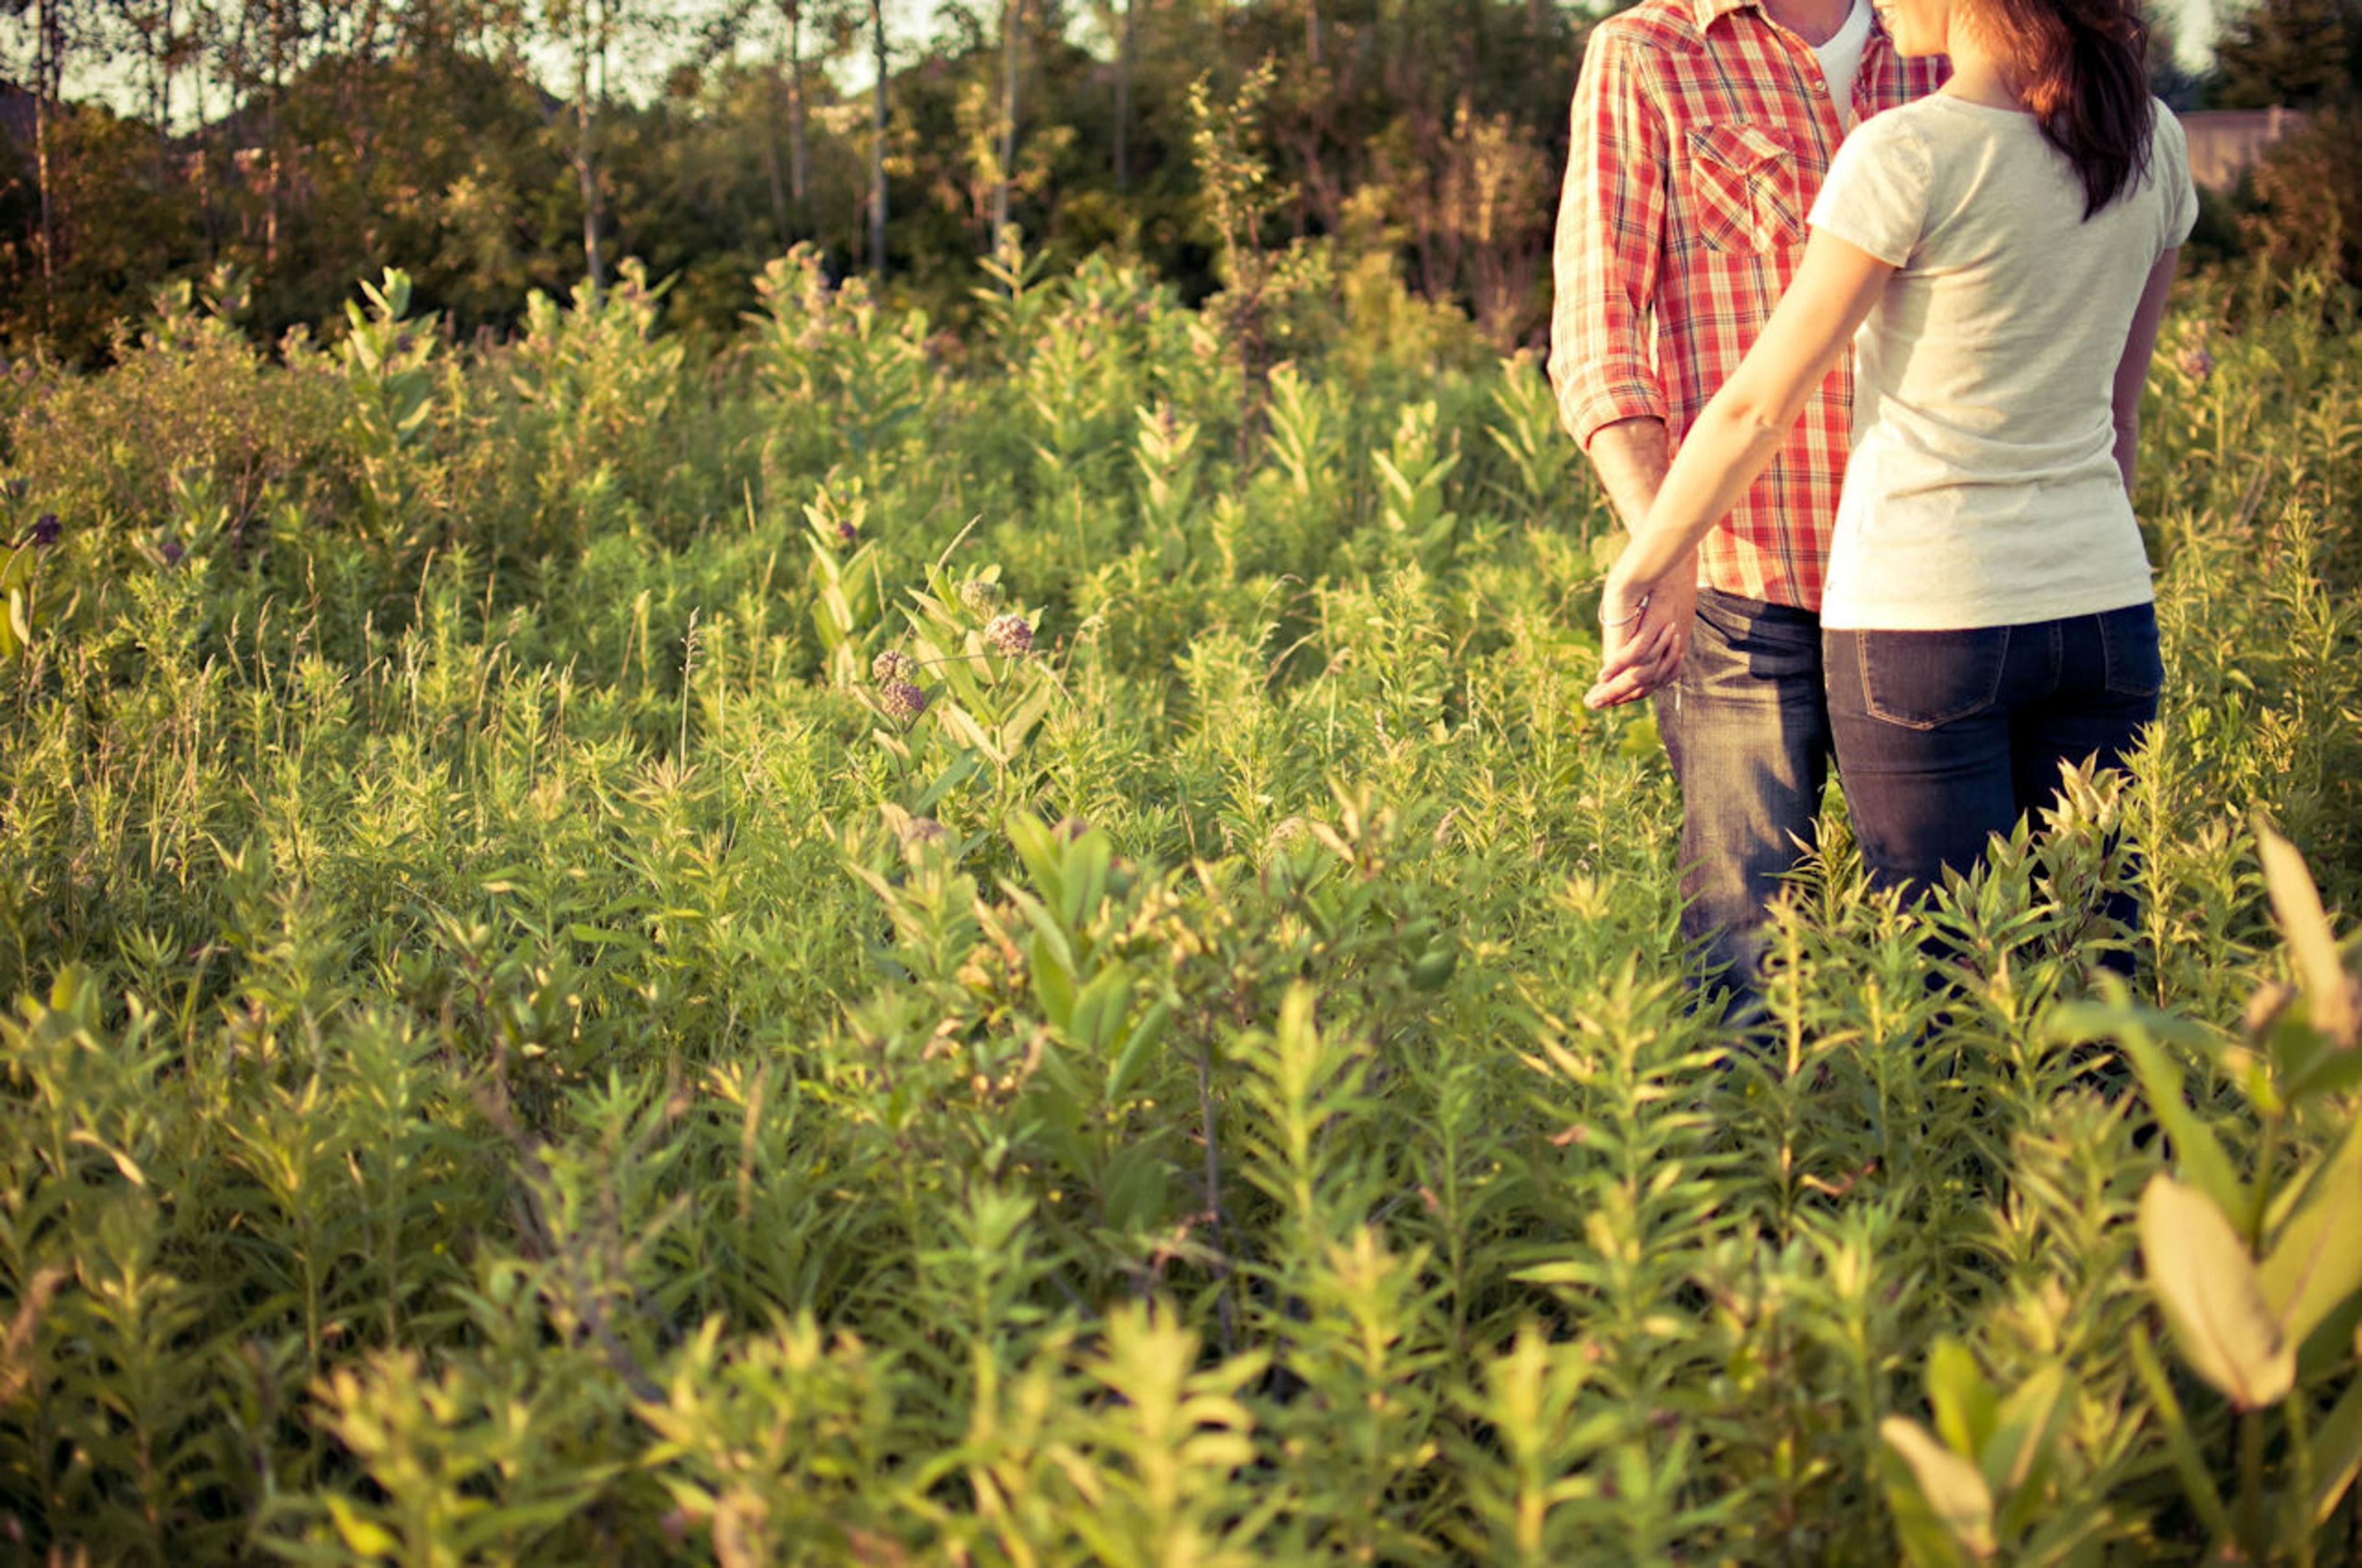 Huwelijkse voorwaarden regelen